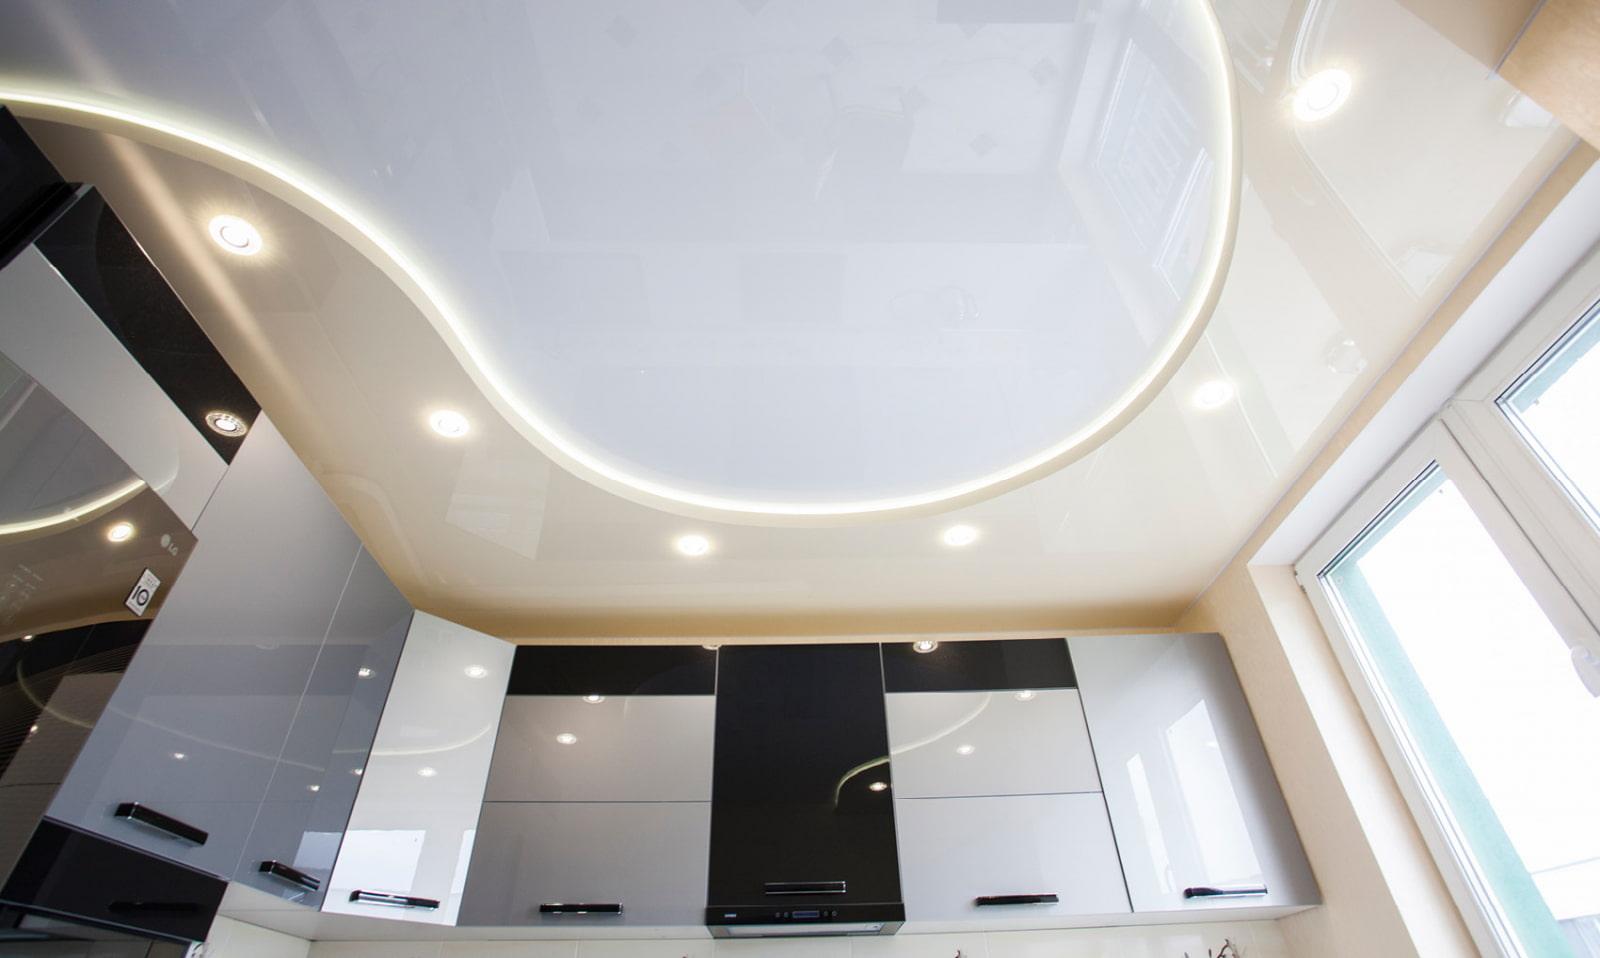 какие картинки двухуровнего потолка натяжного полы представляют